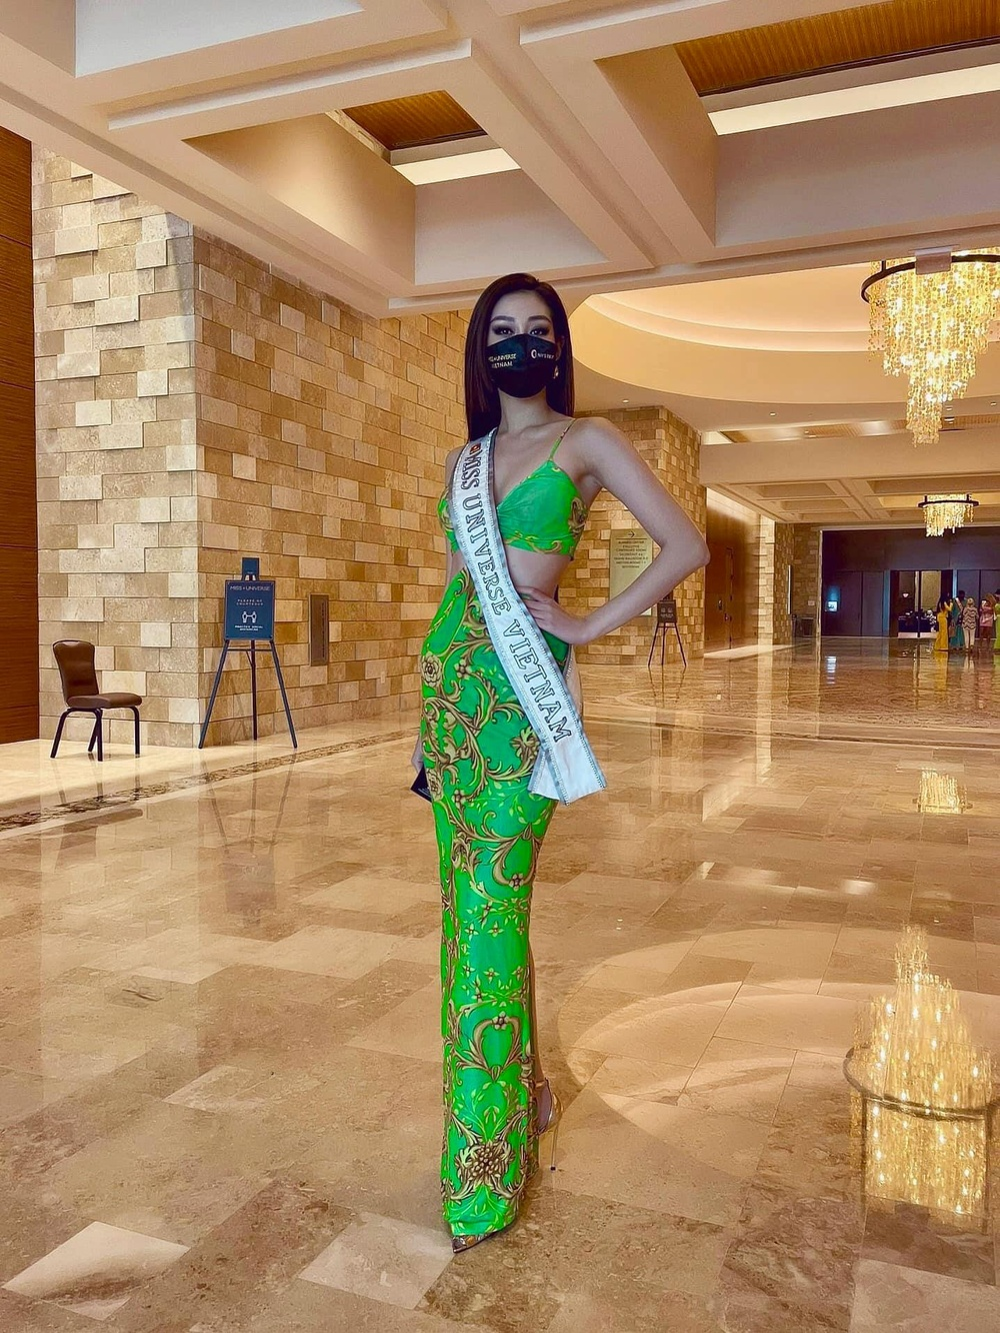 Hoa hậu Khánh Vân gây 'tê liệt' khi liên tục khoe rãnh bụng nét căng và vòng eo nổi múi Ảnh 11